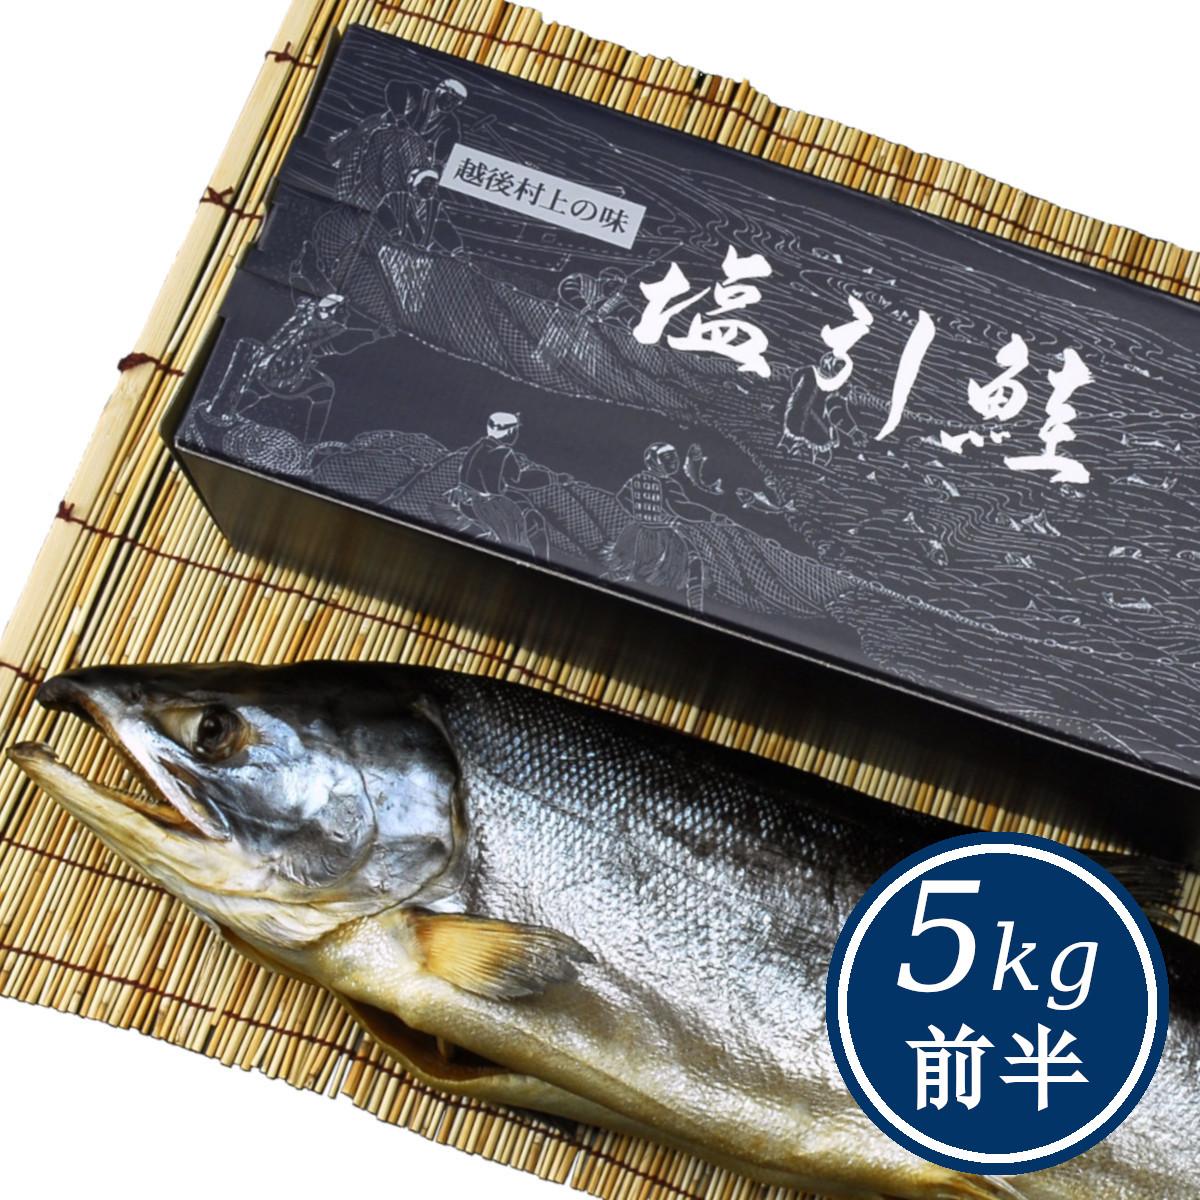 塩引鮭(塩引き鮭)一尾物5kg前半